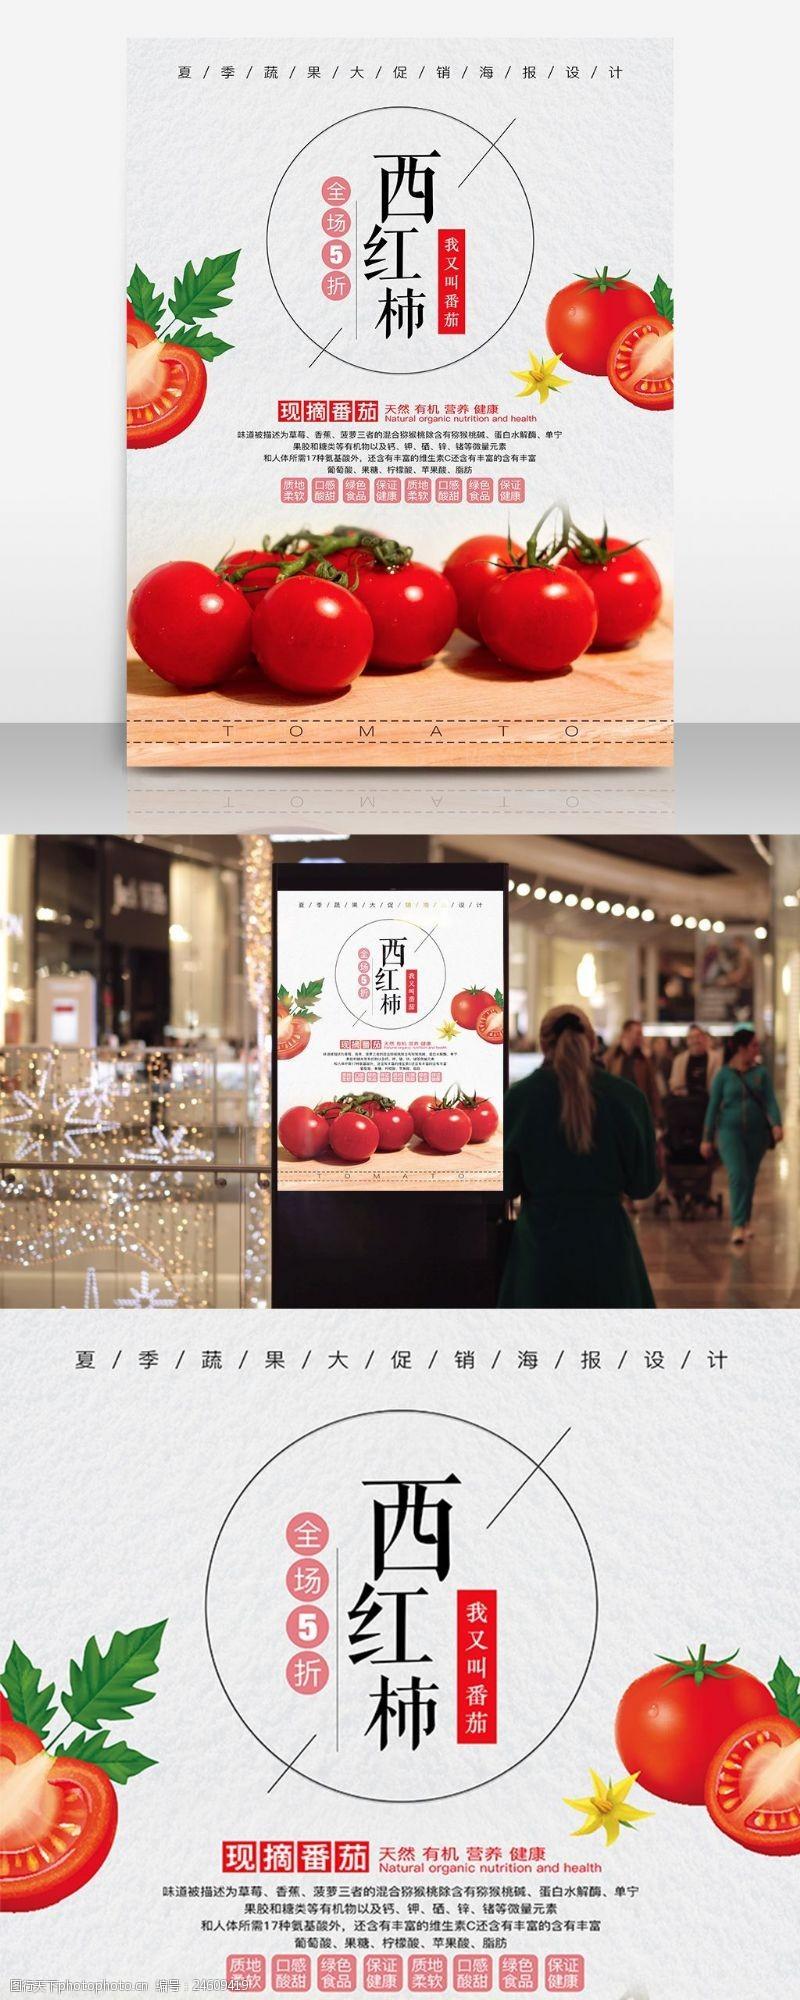 夏季蔬菜番茄促销海报设计